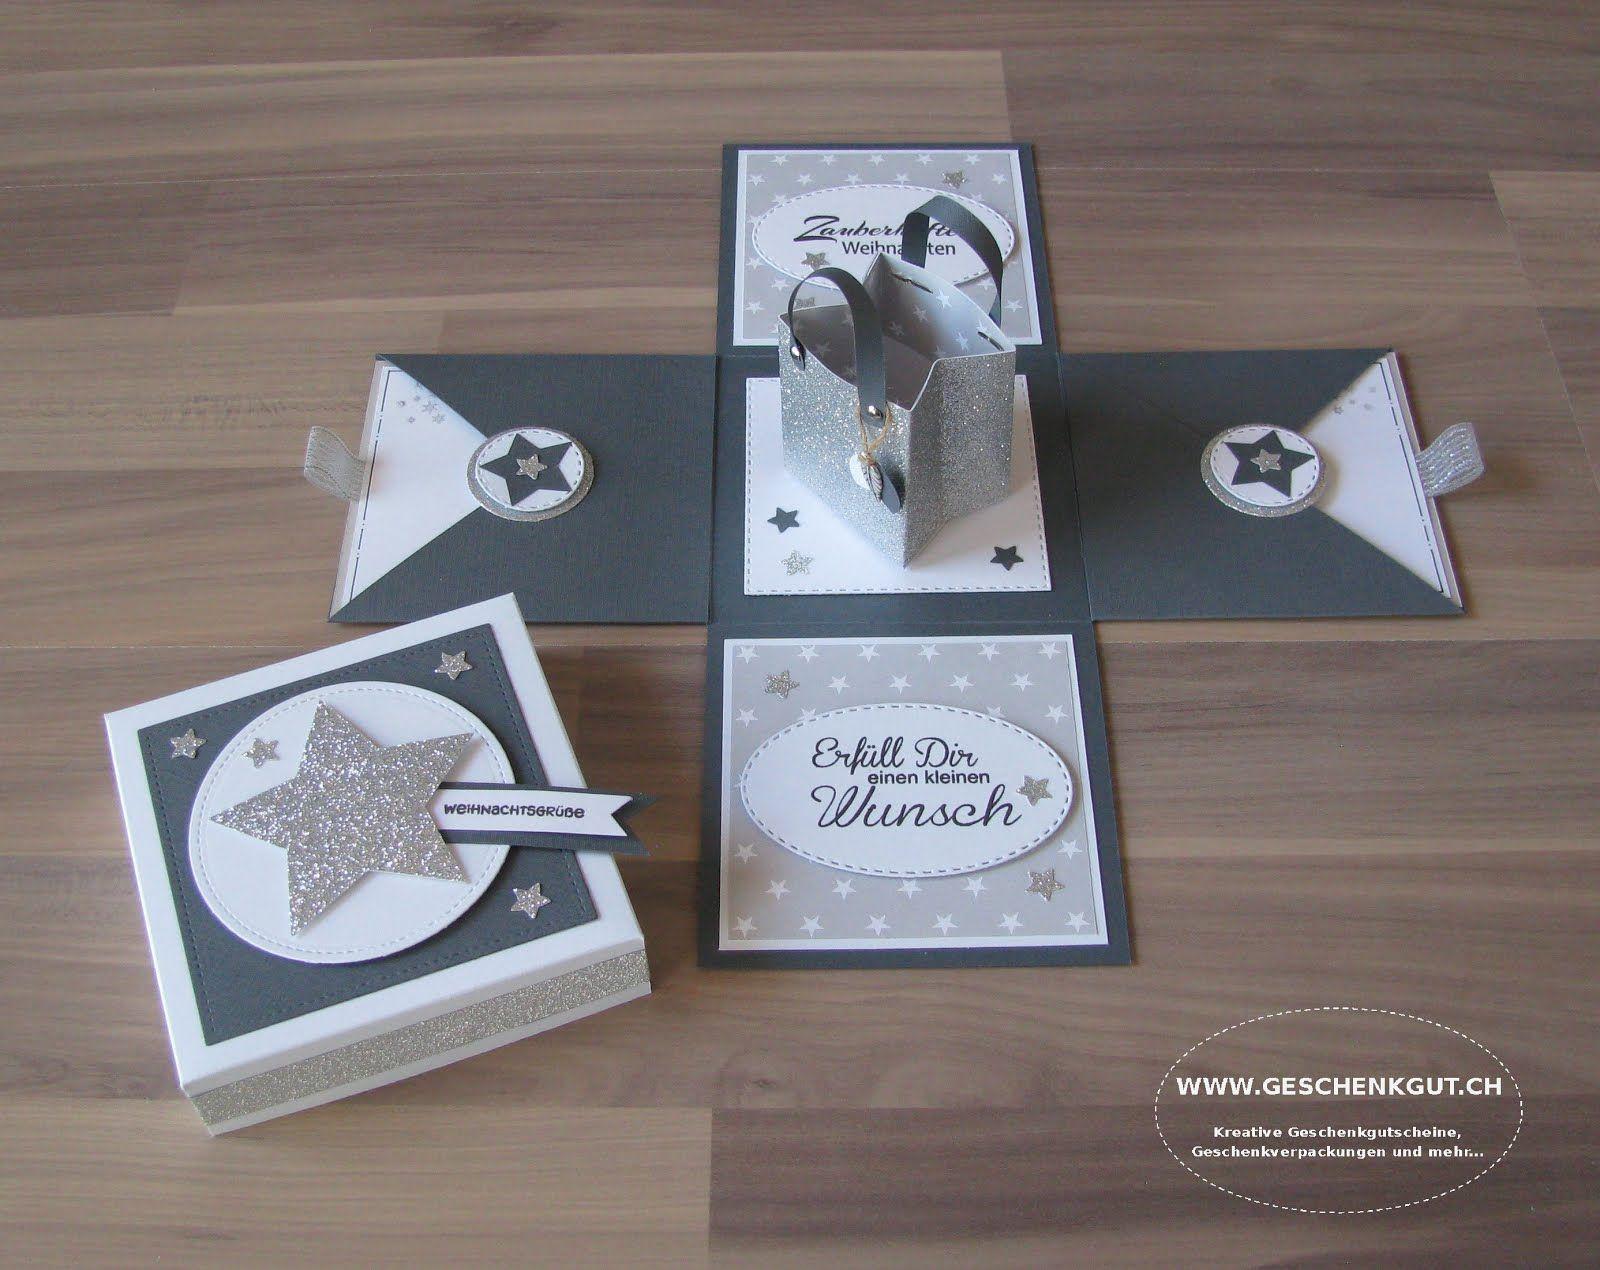 Inspirierend Silberhochzeit Geschenke Selber Basteln Design